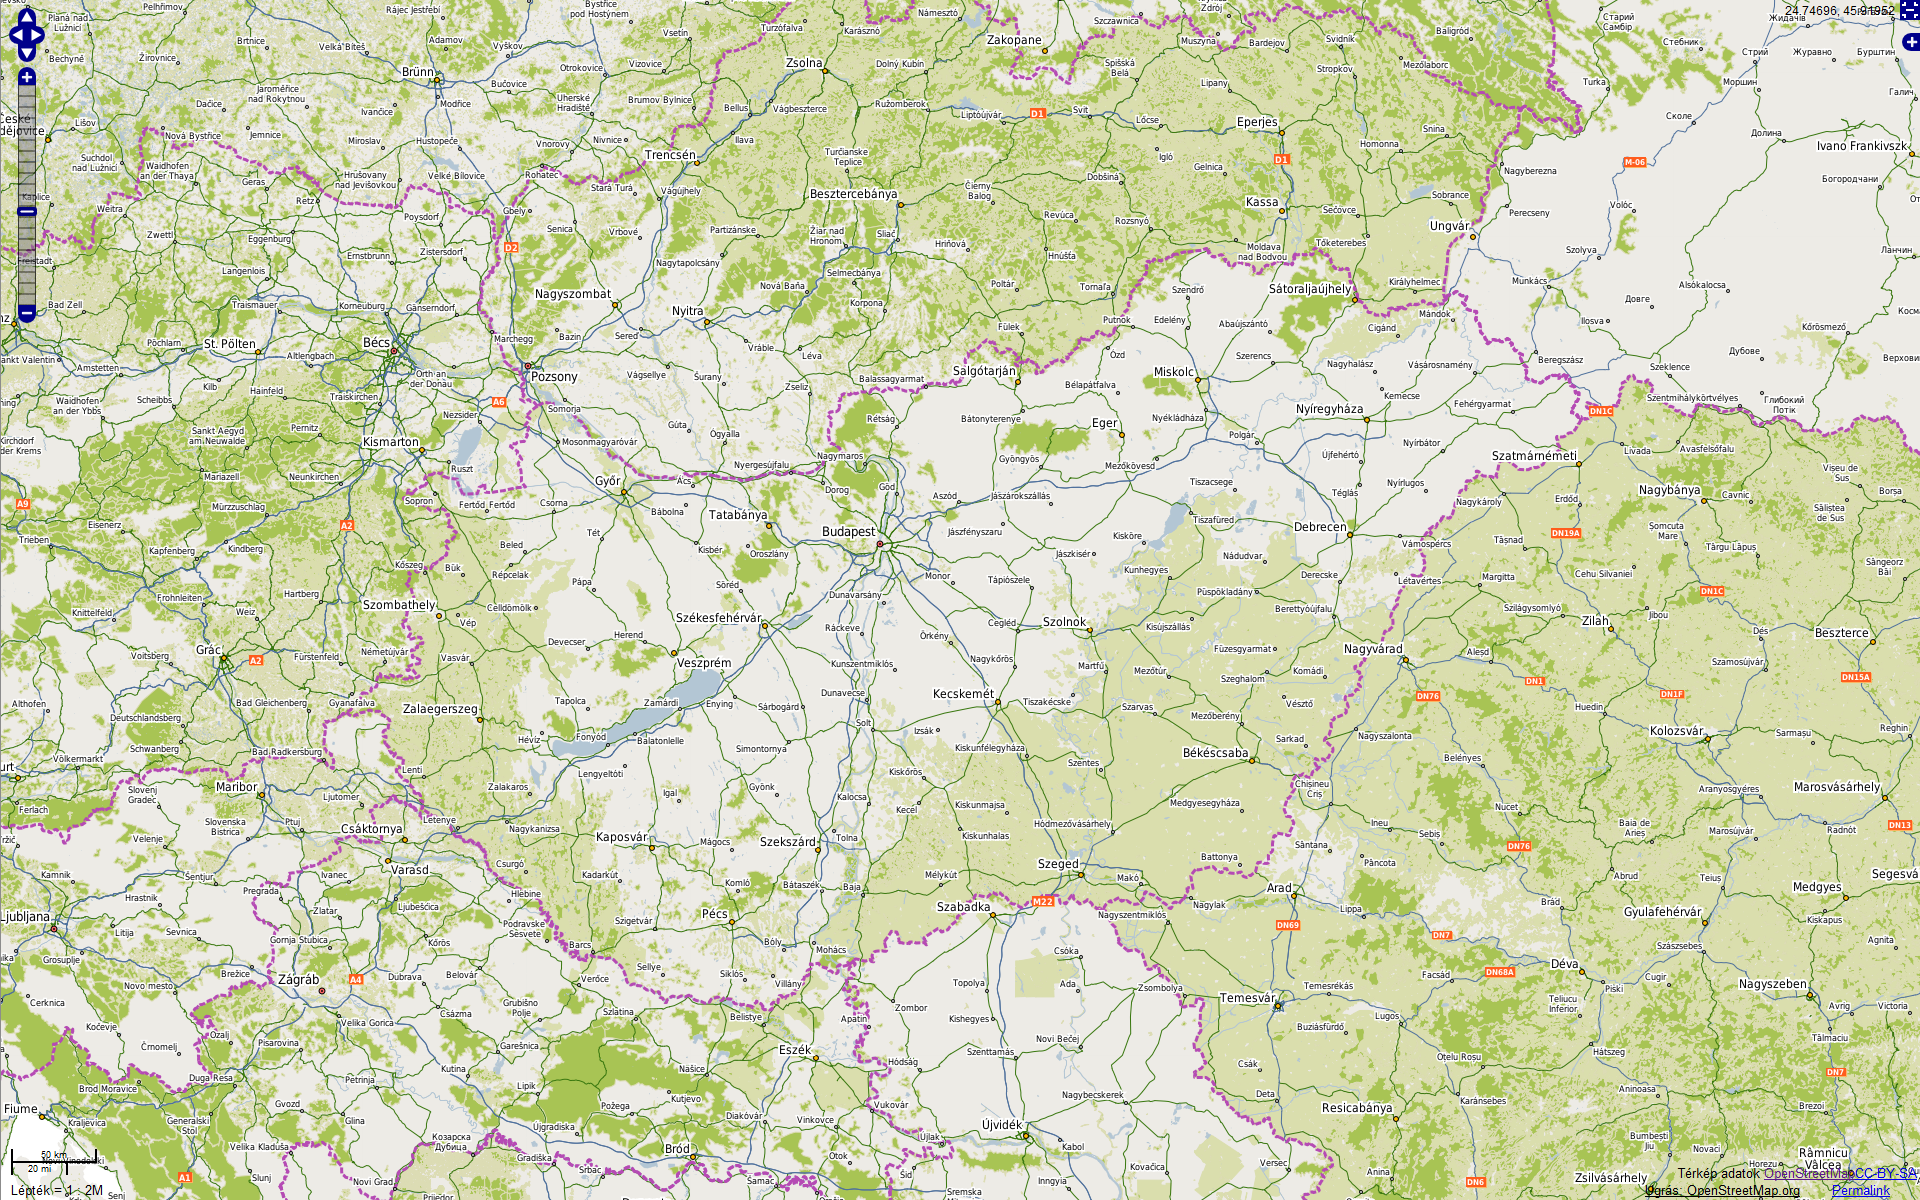 magyarország térkép frissítés OpenStreetMap térképek letöltése magyarország térkép frissítés